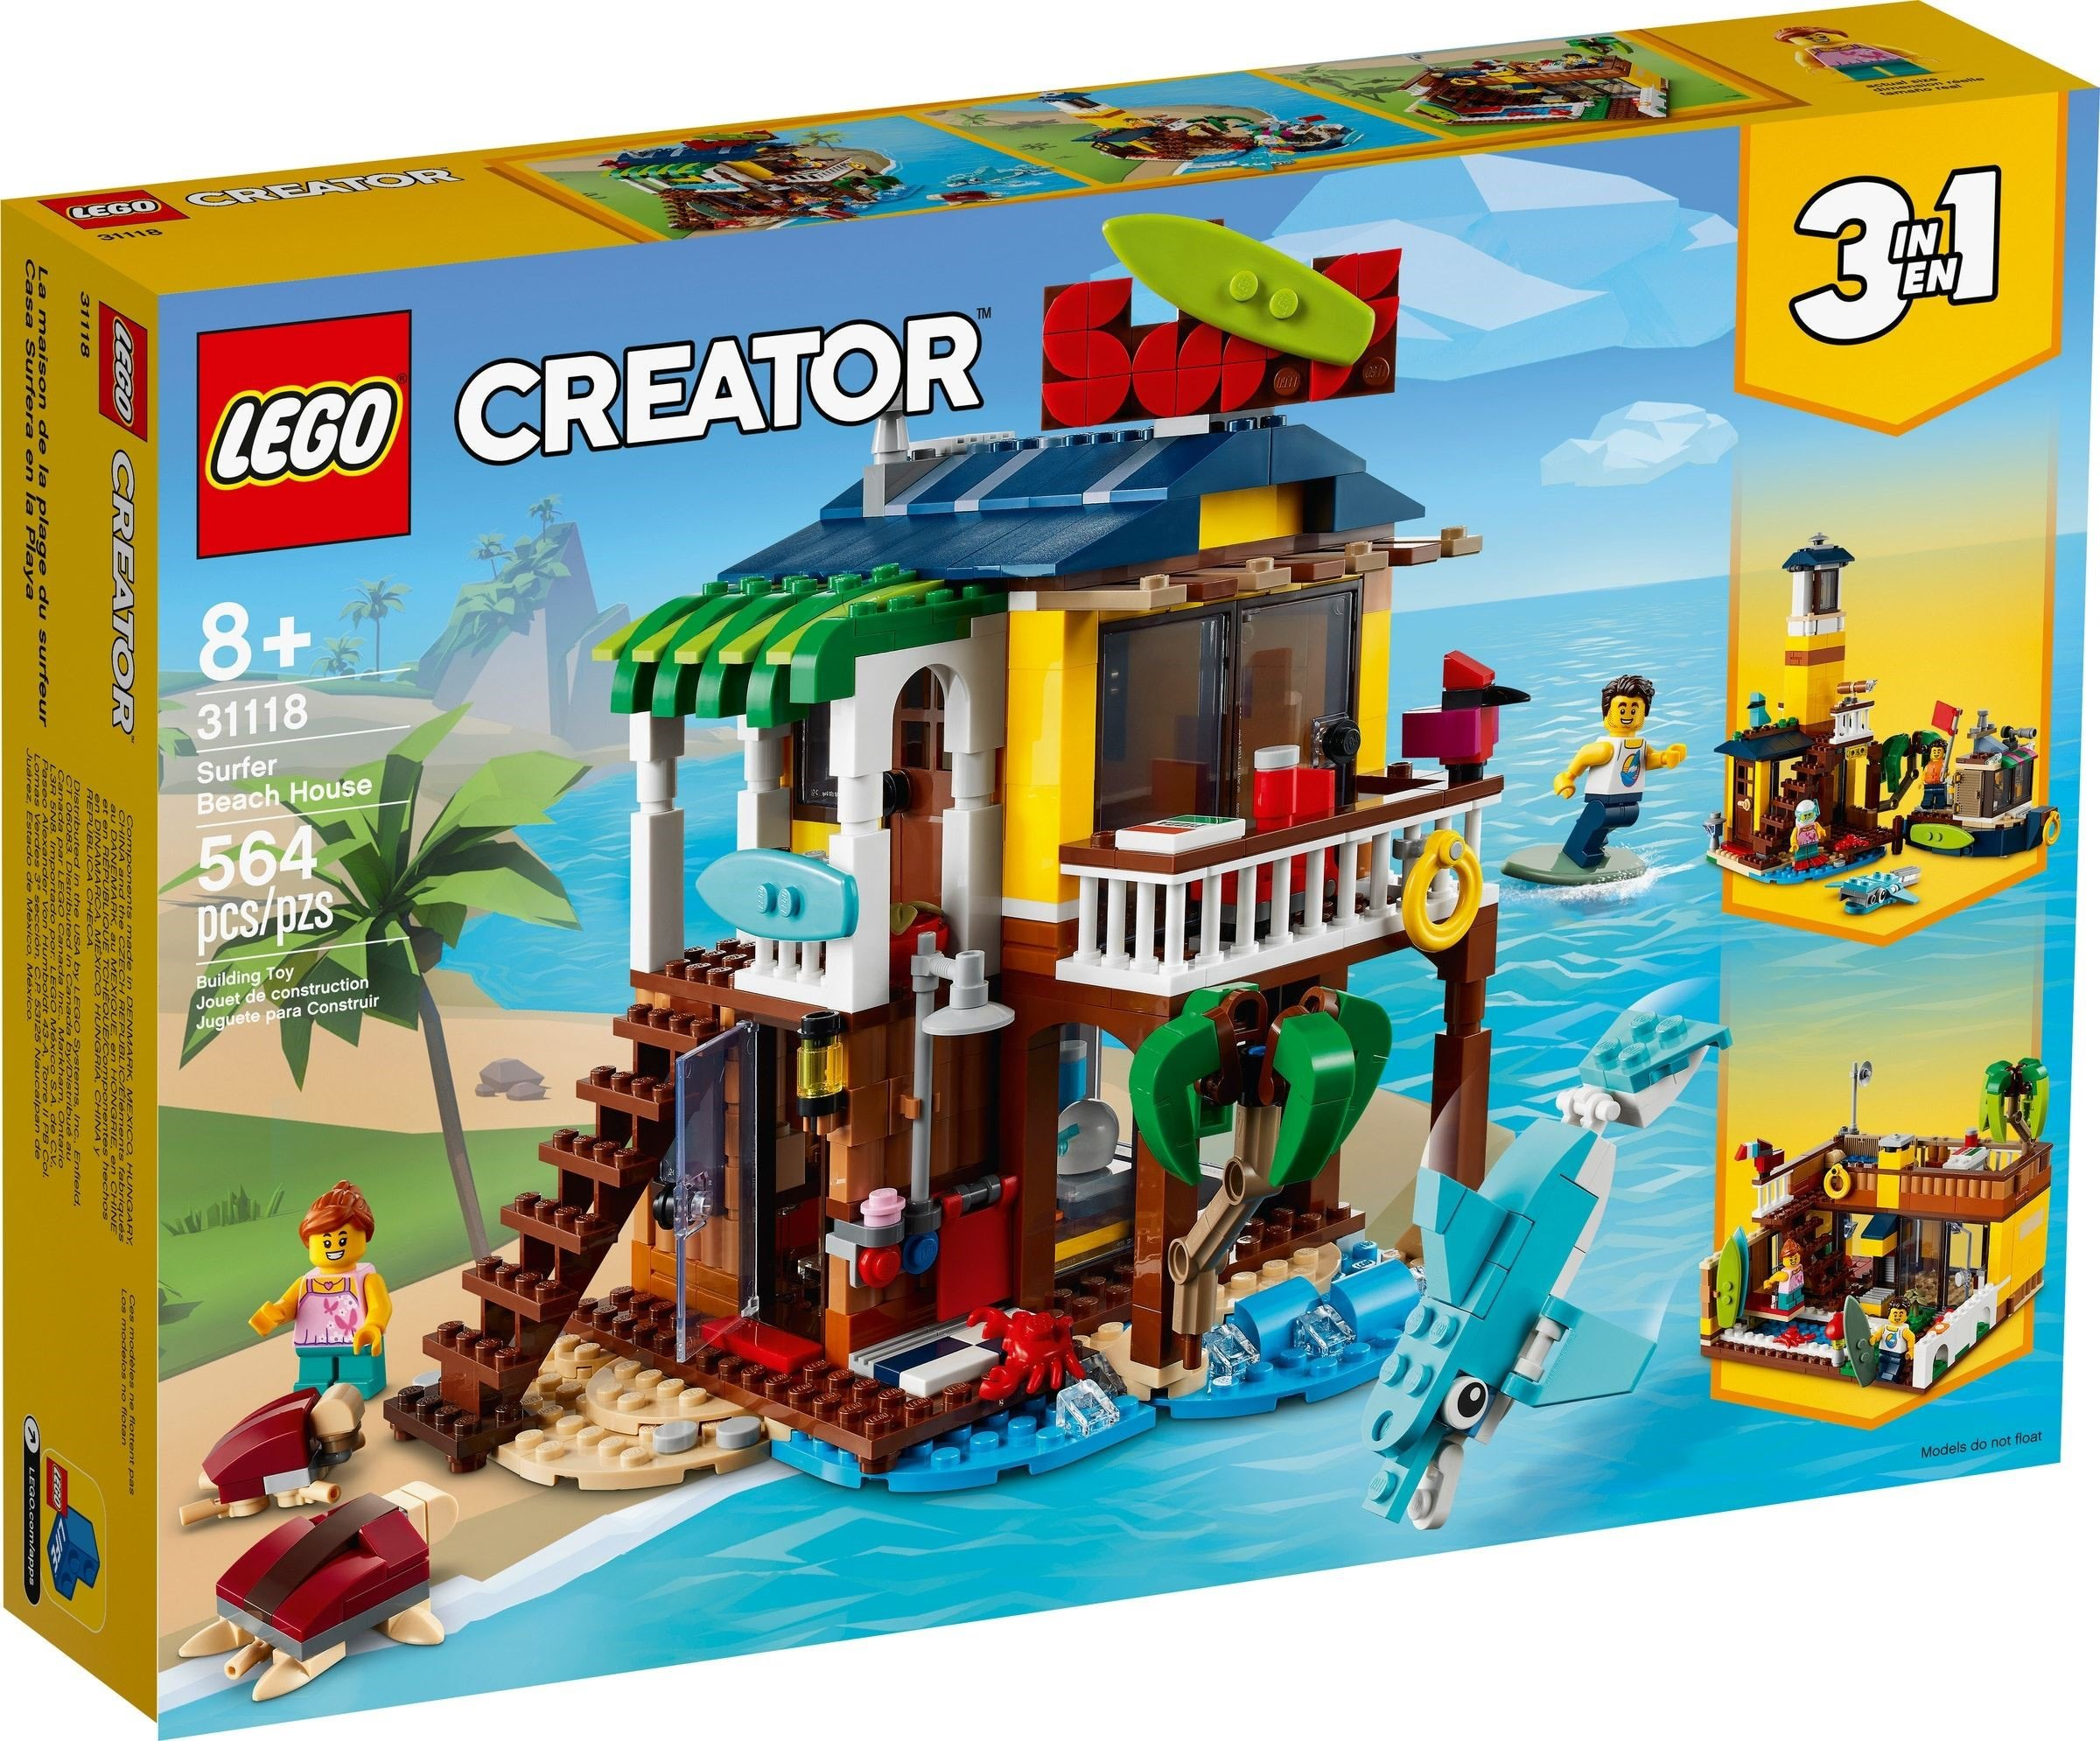 LEGO Creator - Surfer Beach House (31118)